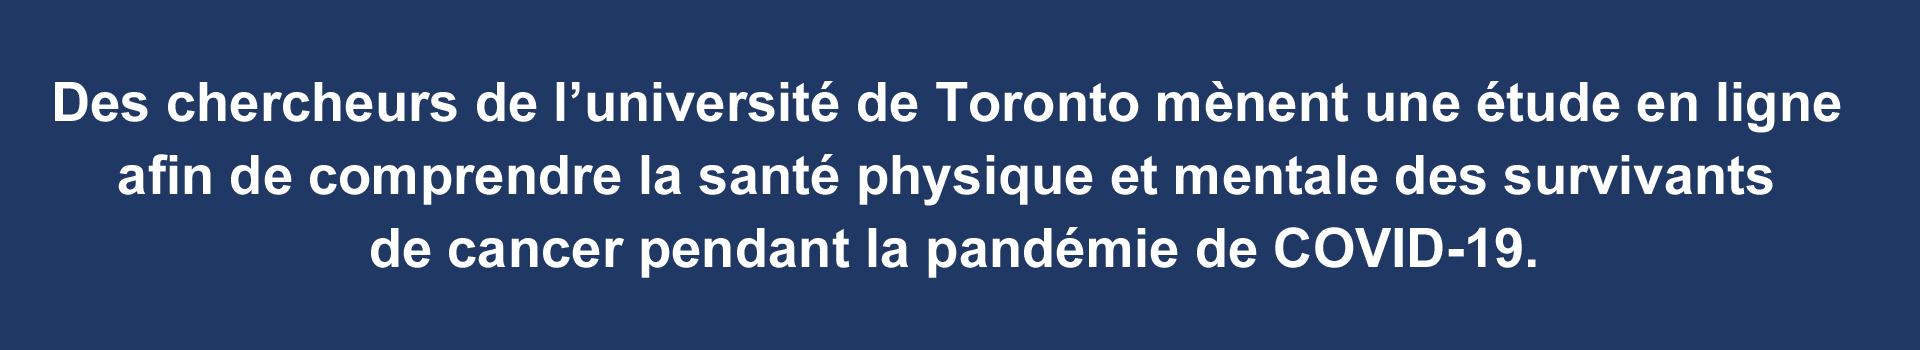 Exercise Oncology La à Toronto - des survivants de cancer demandés pour un sondage en ligne